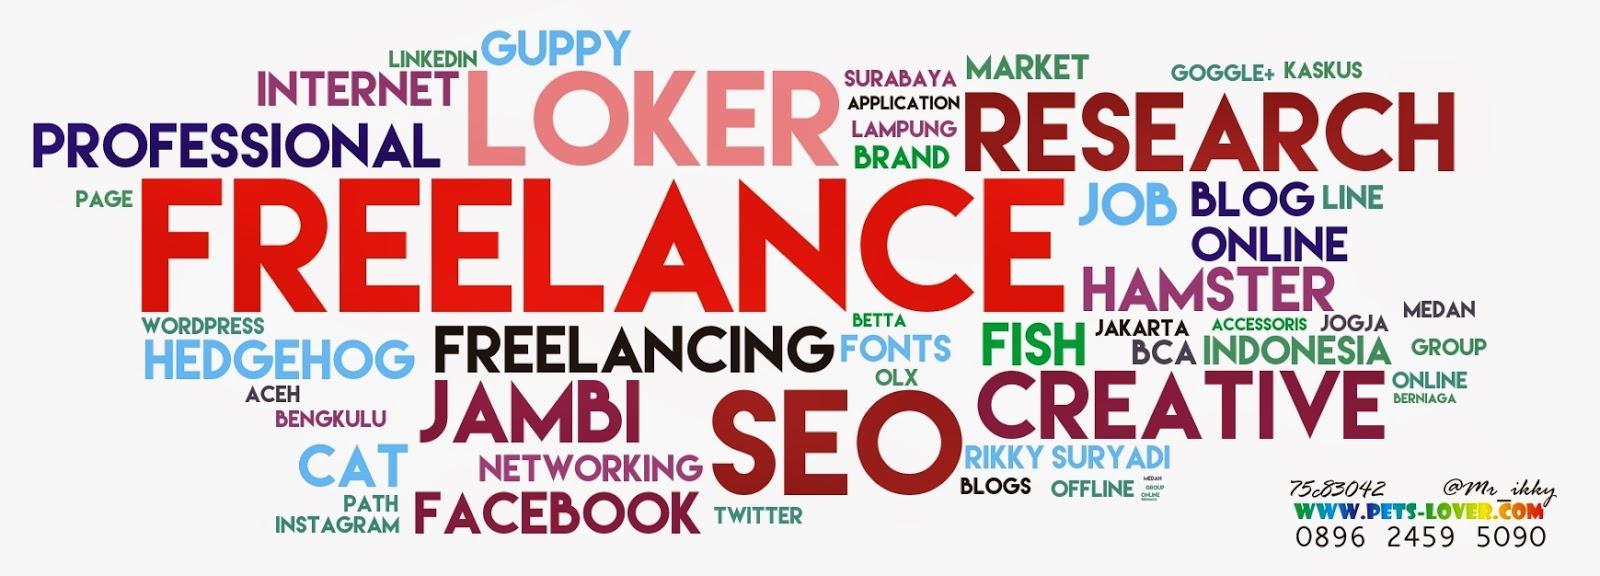 Lowongan Kerja, Freelance, Job Online